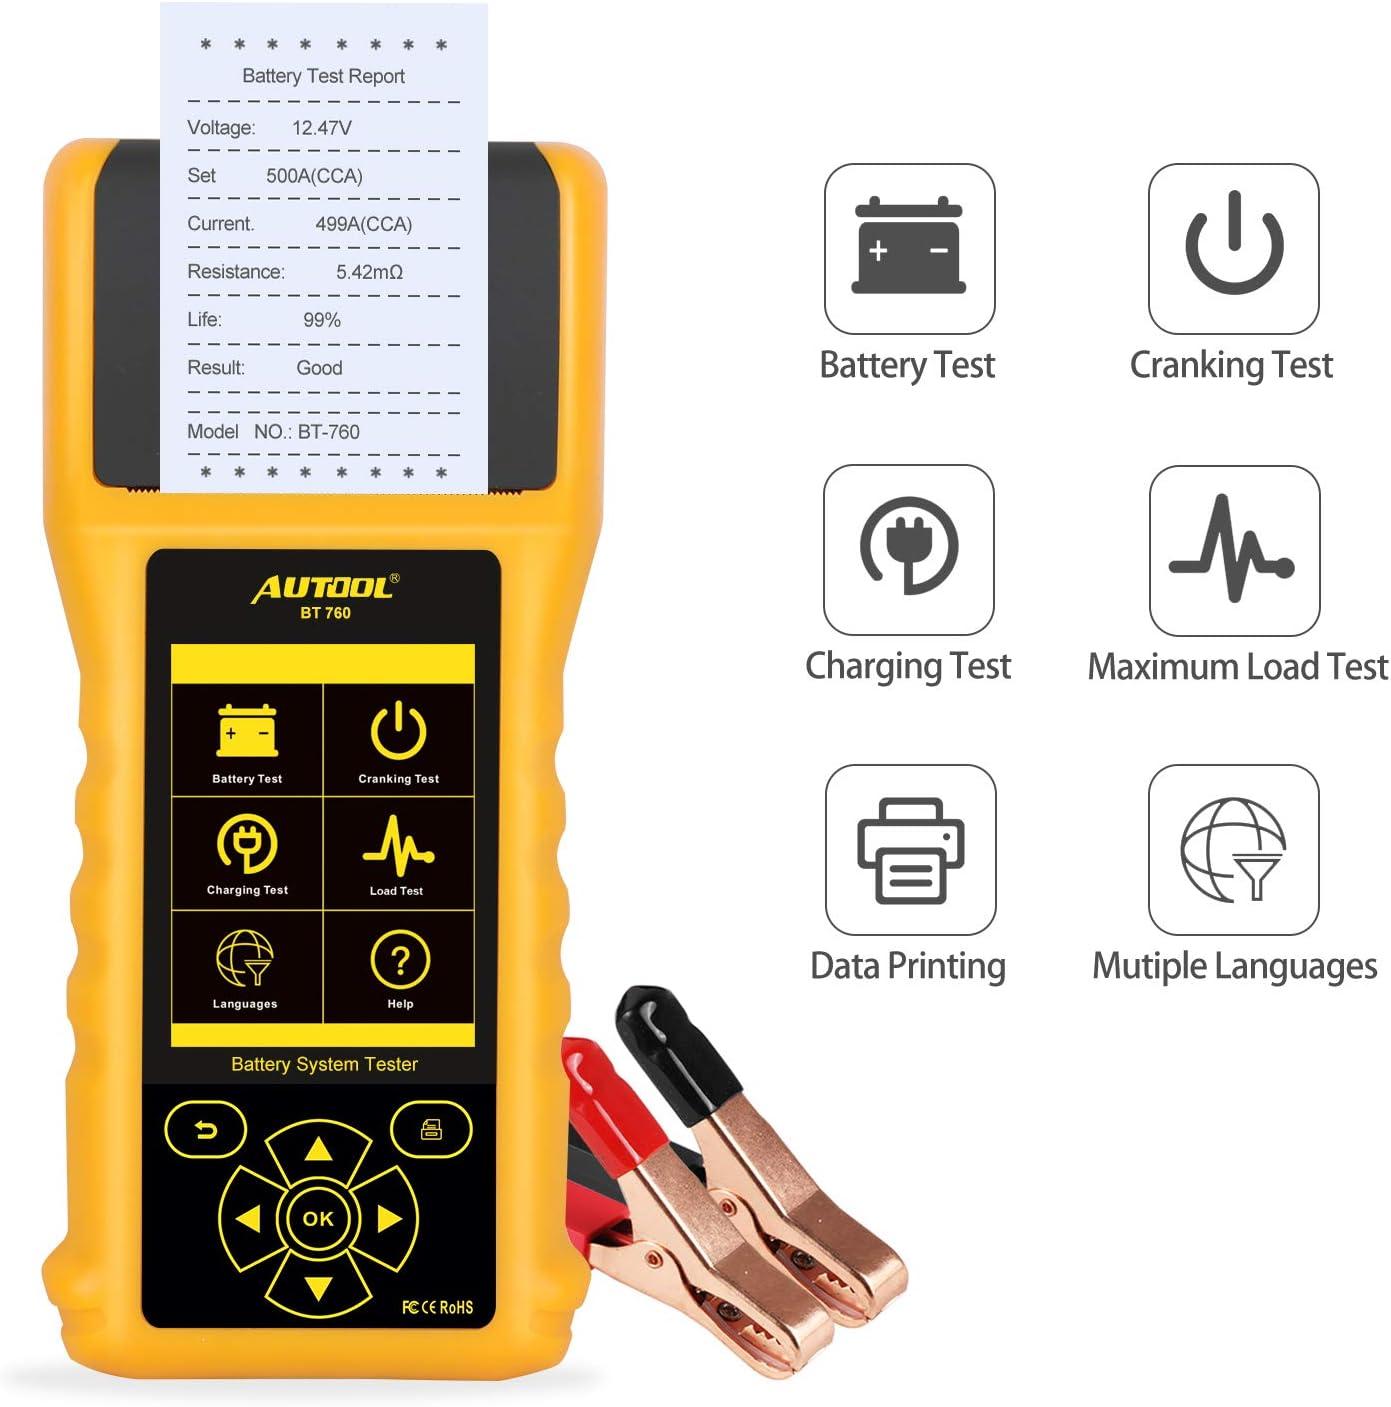 Probador de Carga de Batería 12V/24V 20-3000 CCA Sistema de Arranque Y Carga Analizador de Batería Herramienta de Escaneo Con Impresora Para Camiones de Servicio Pesado,Automóviles,Motocicletas Y Más